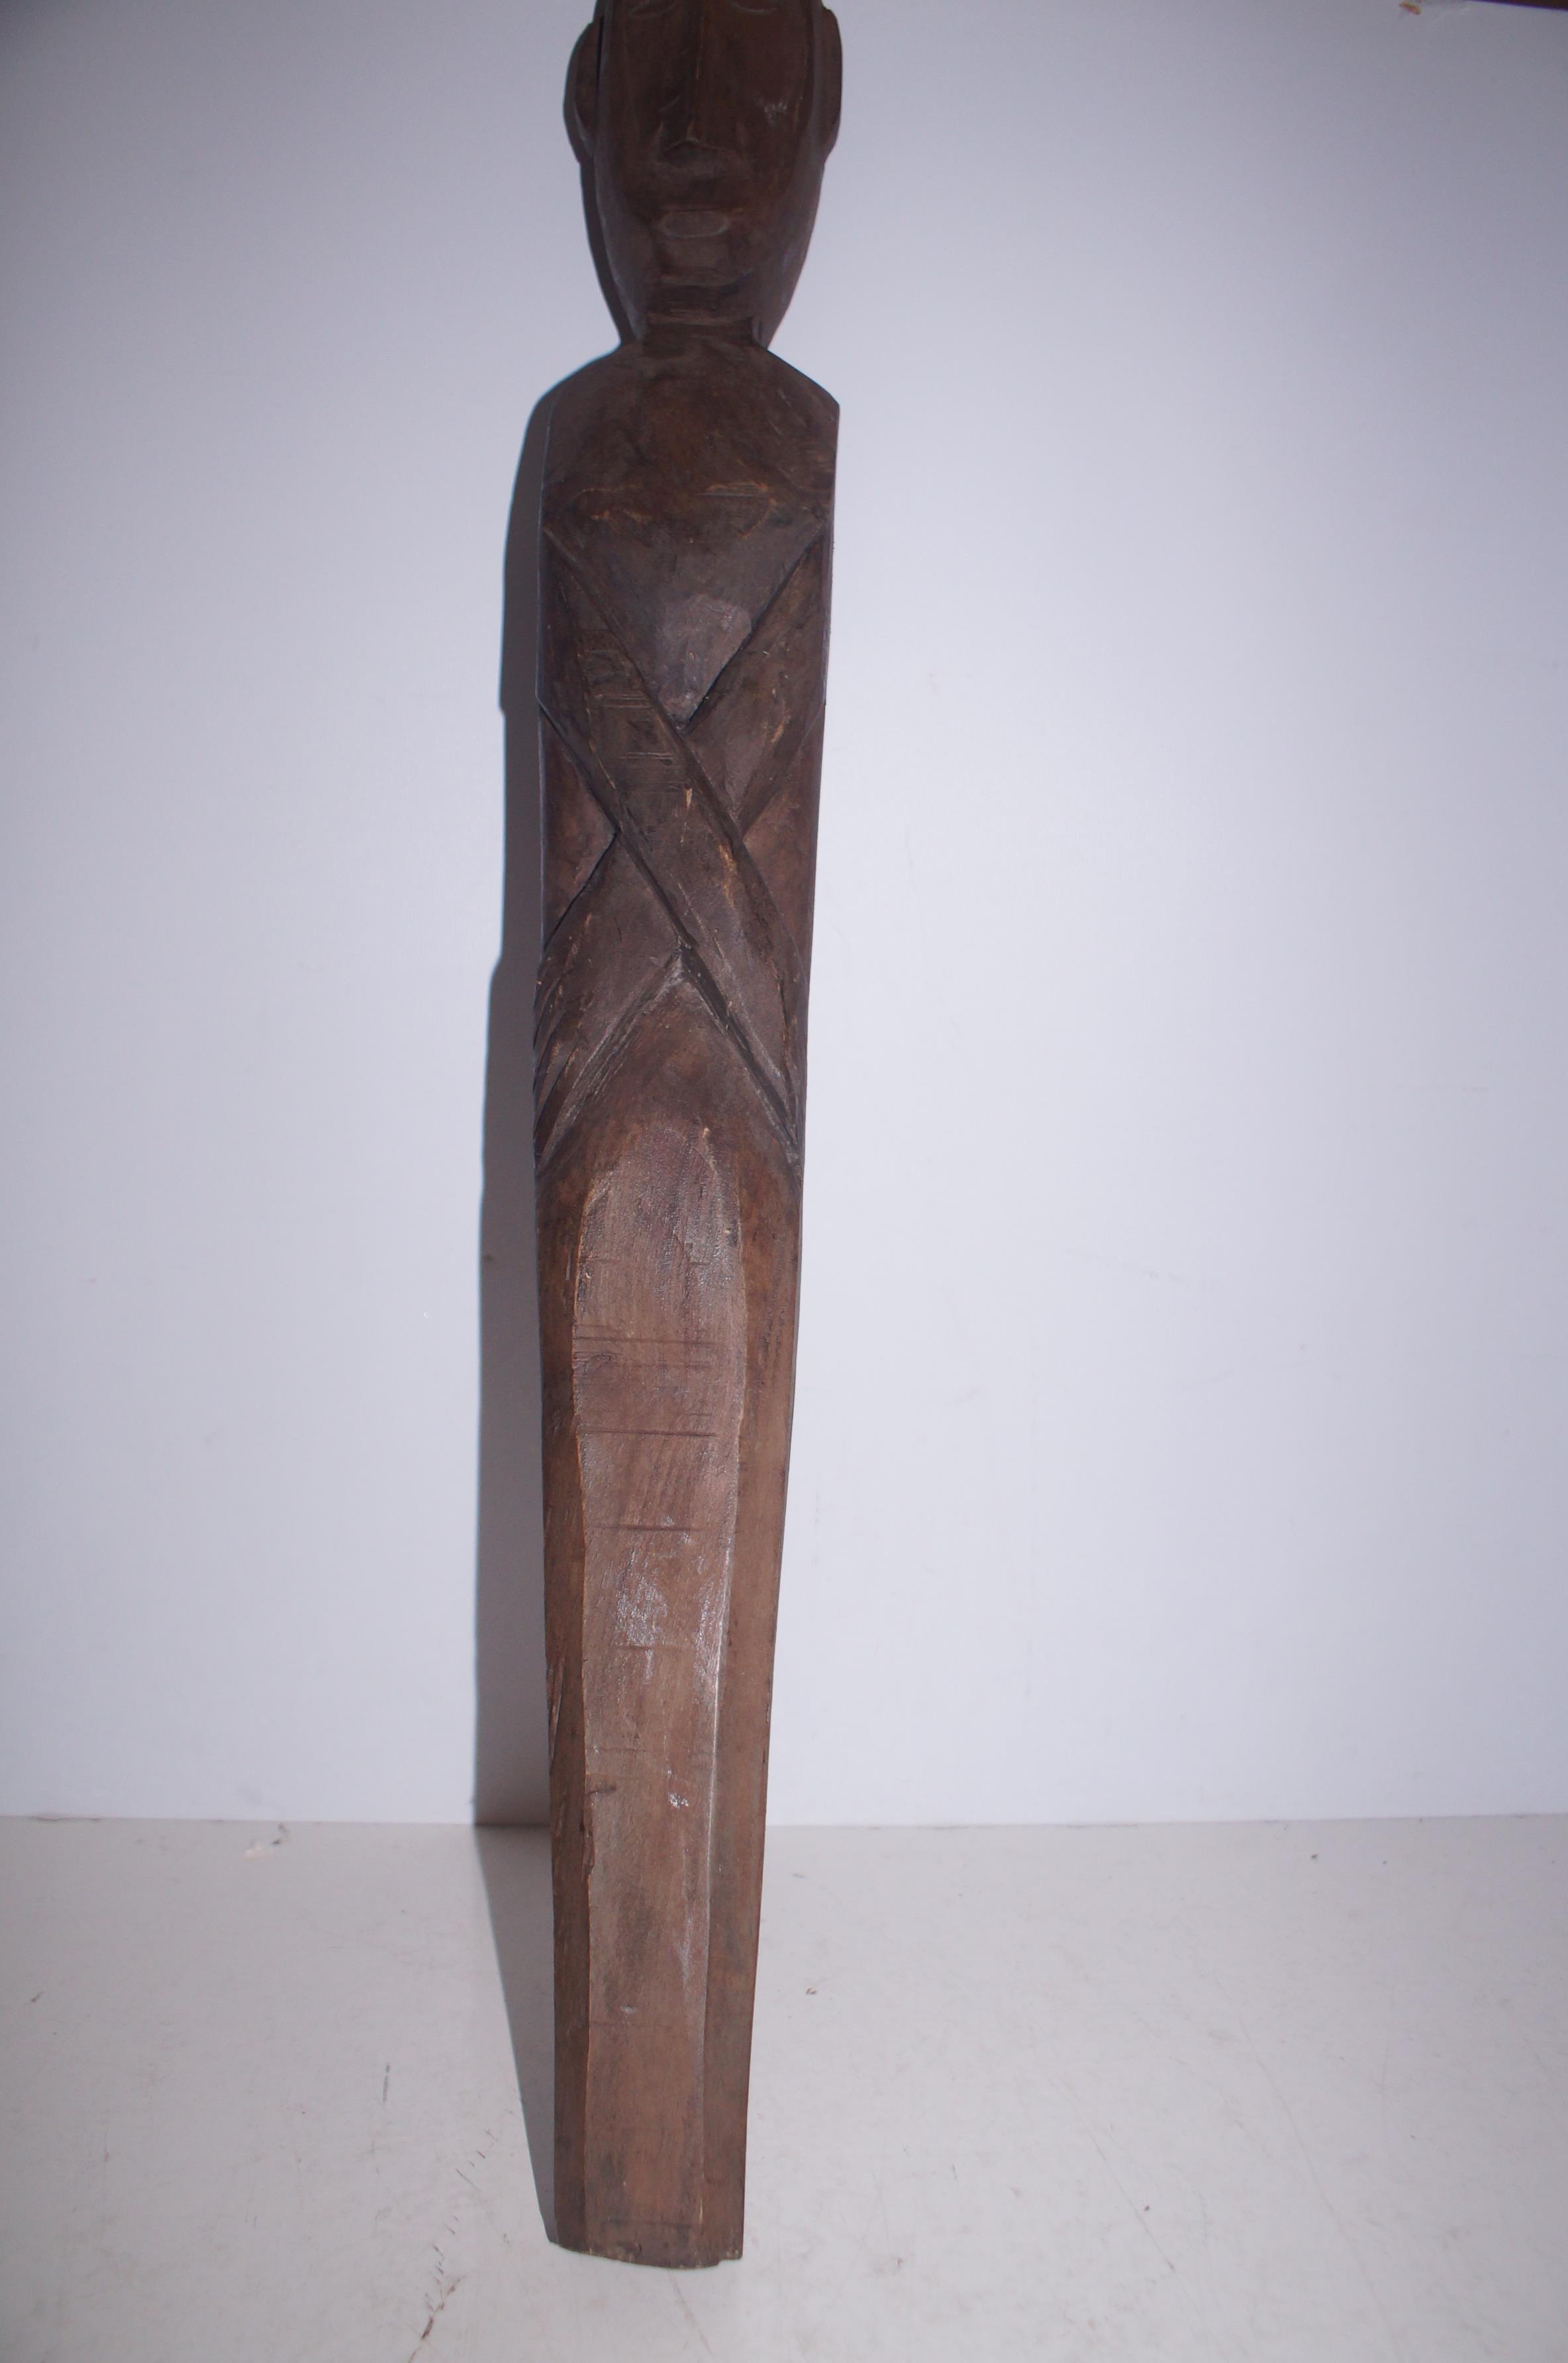 Wooden Tribal Fertility Figure 74cm